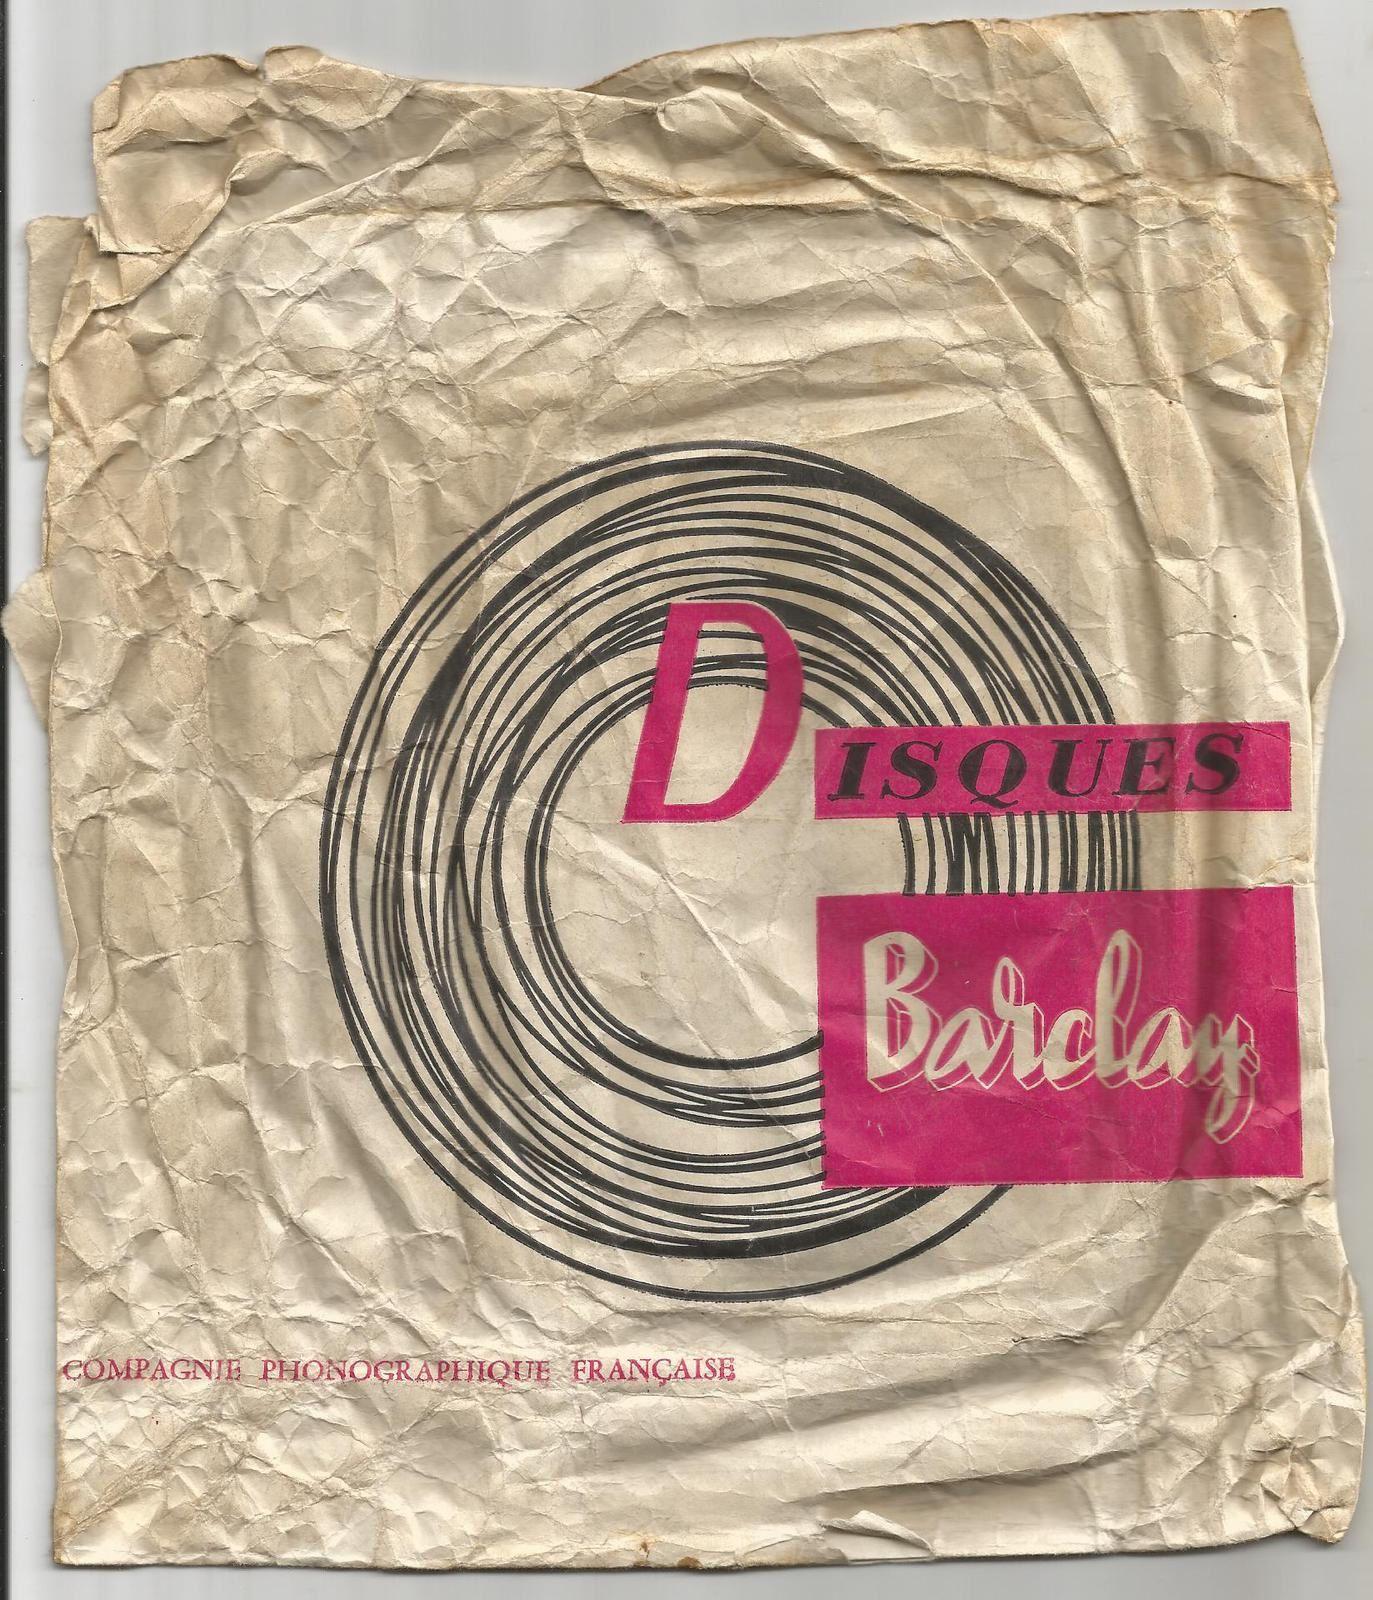 A propos d'une pochette de disque des années 50... Achat de mon 1er disque: les Platters ou le Père Duval